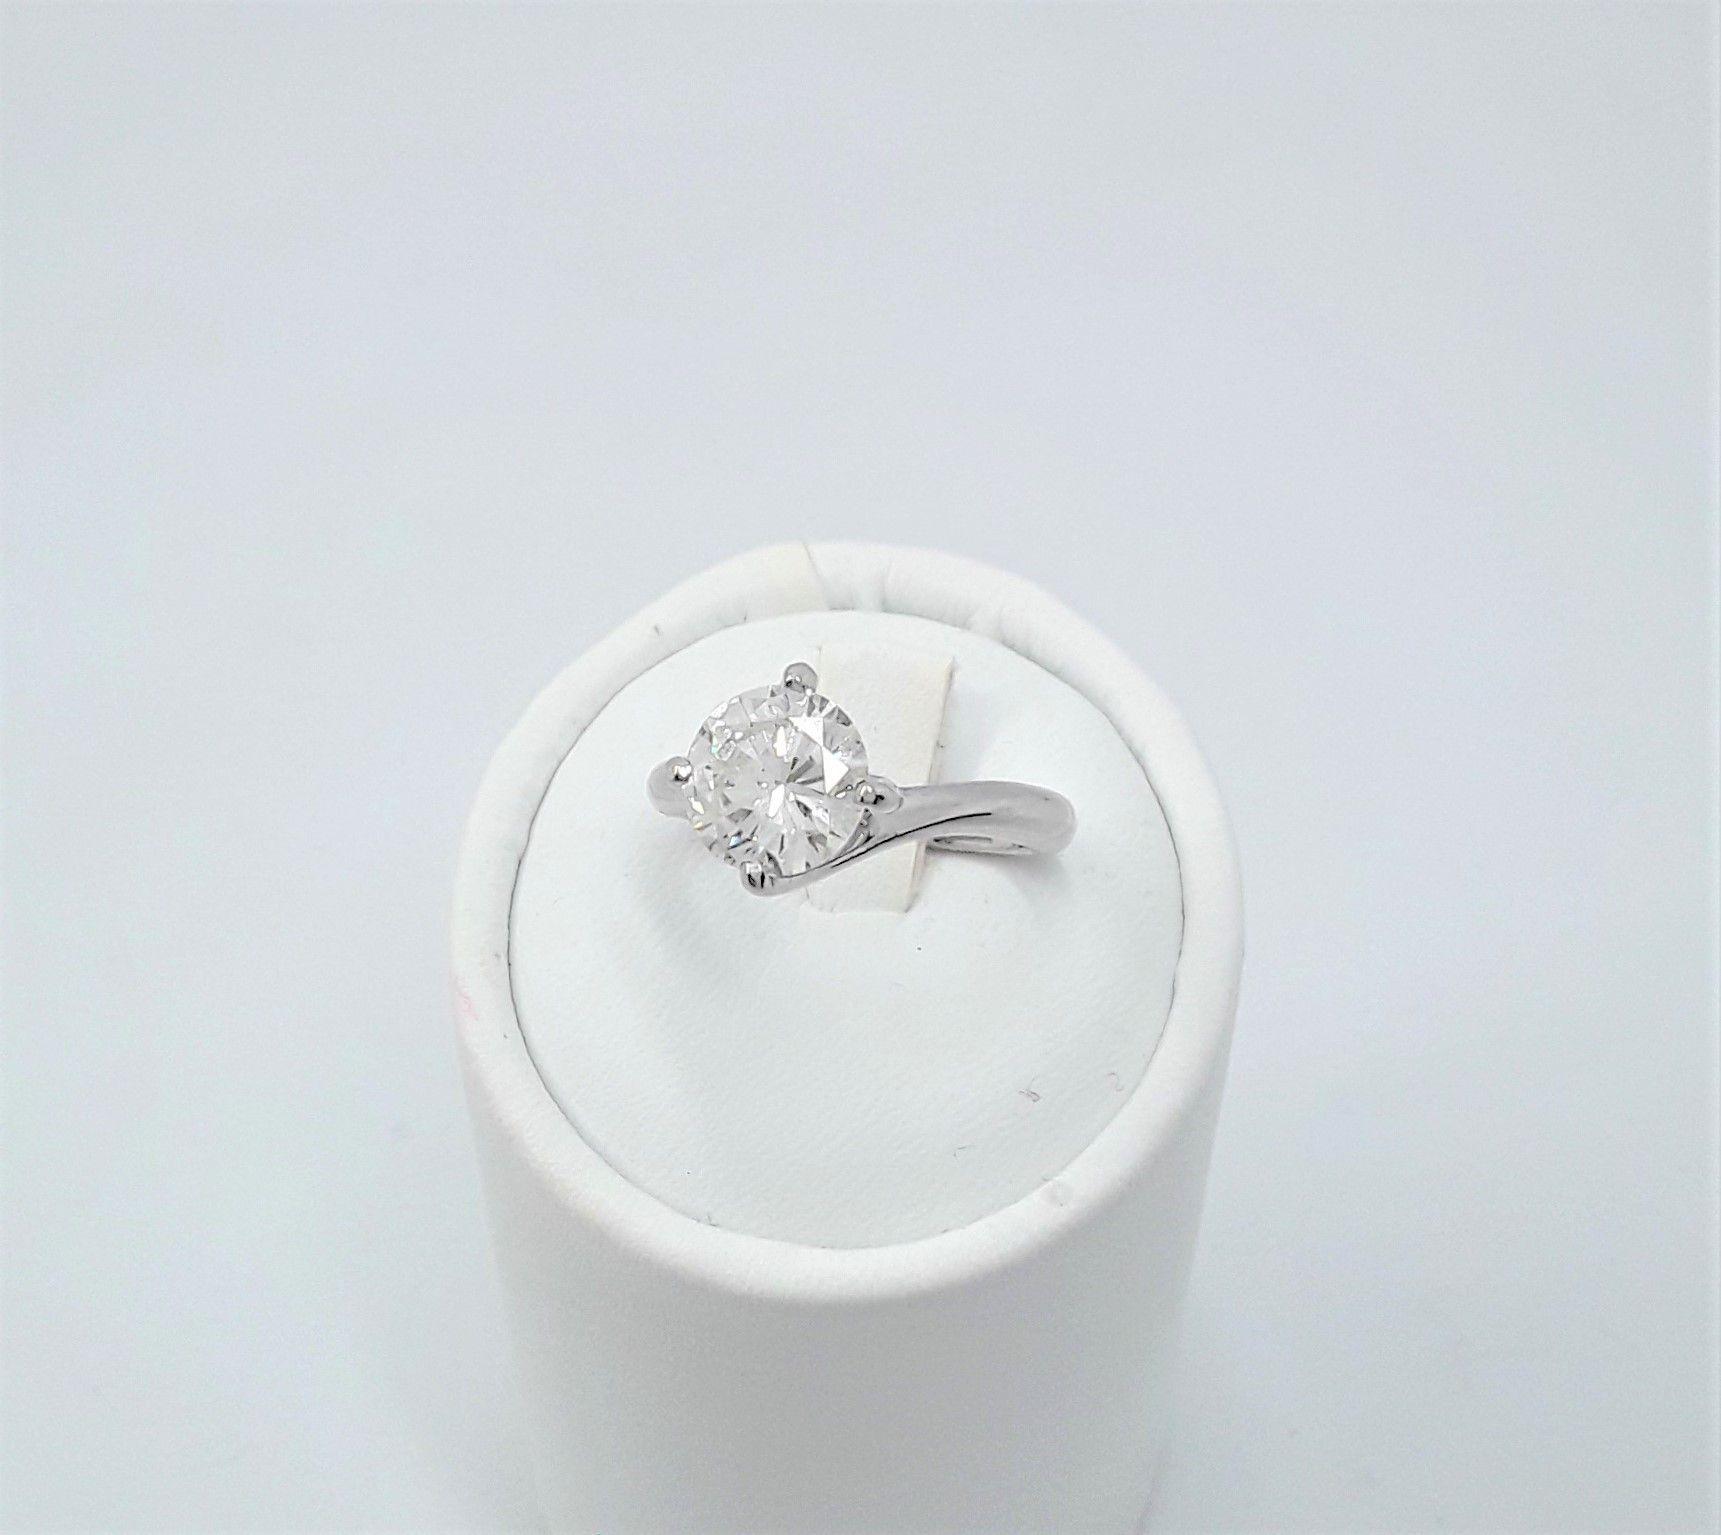 Anello Solitario In Oro Bianco Con Diamante Per Prezzi Sconti E Promozioni Segui Il Link Contattaci Su Anelli Di Fidanzamento Anelli In Oro Bianco Diamante